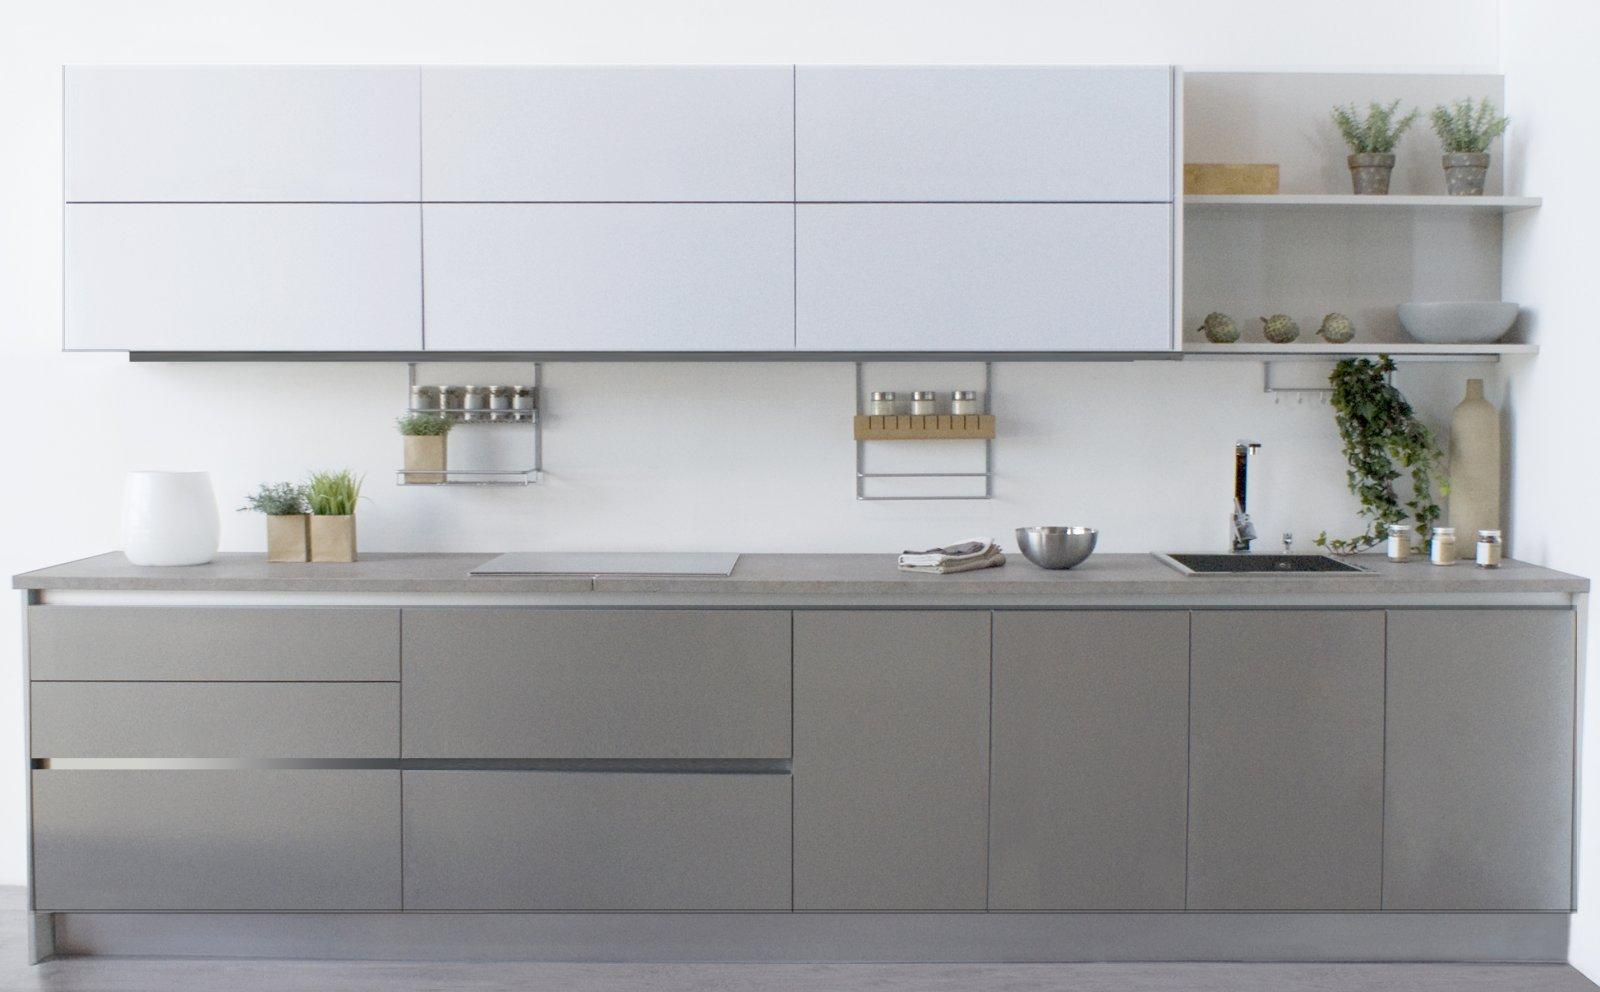 Muebles de cocina en oviedo dise o belle maison - Cocinas a medida ikea ...